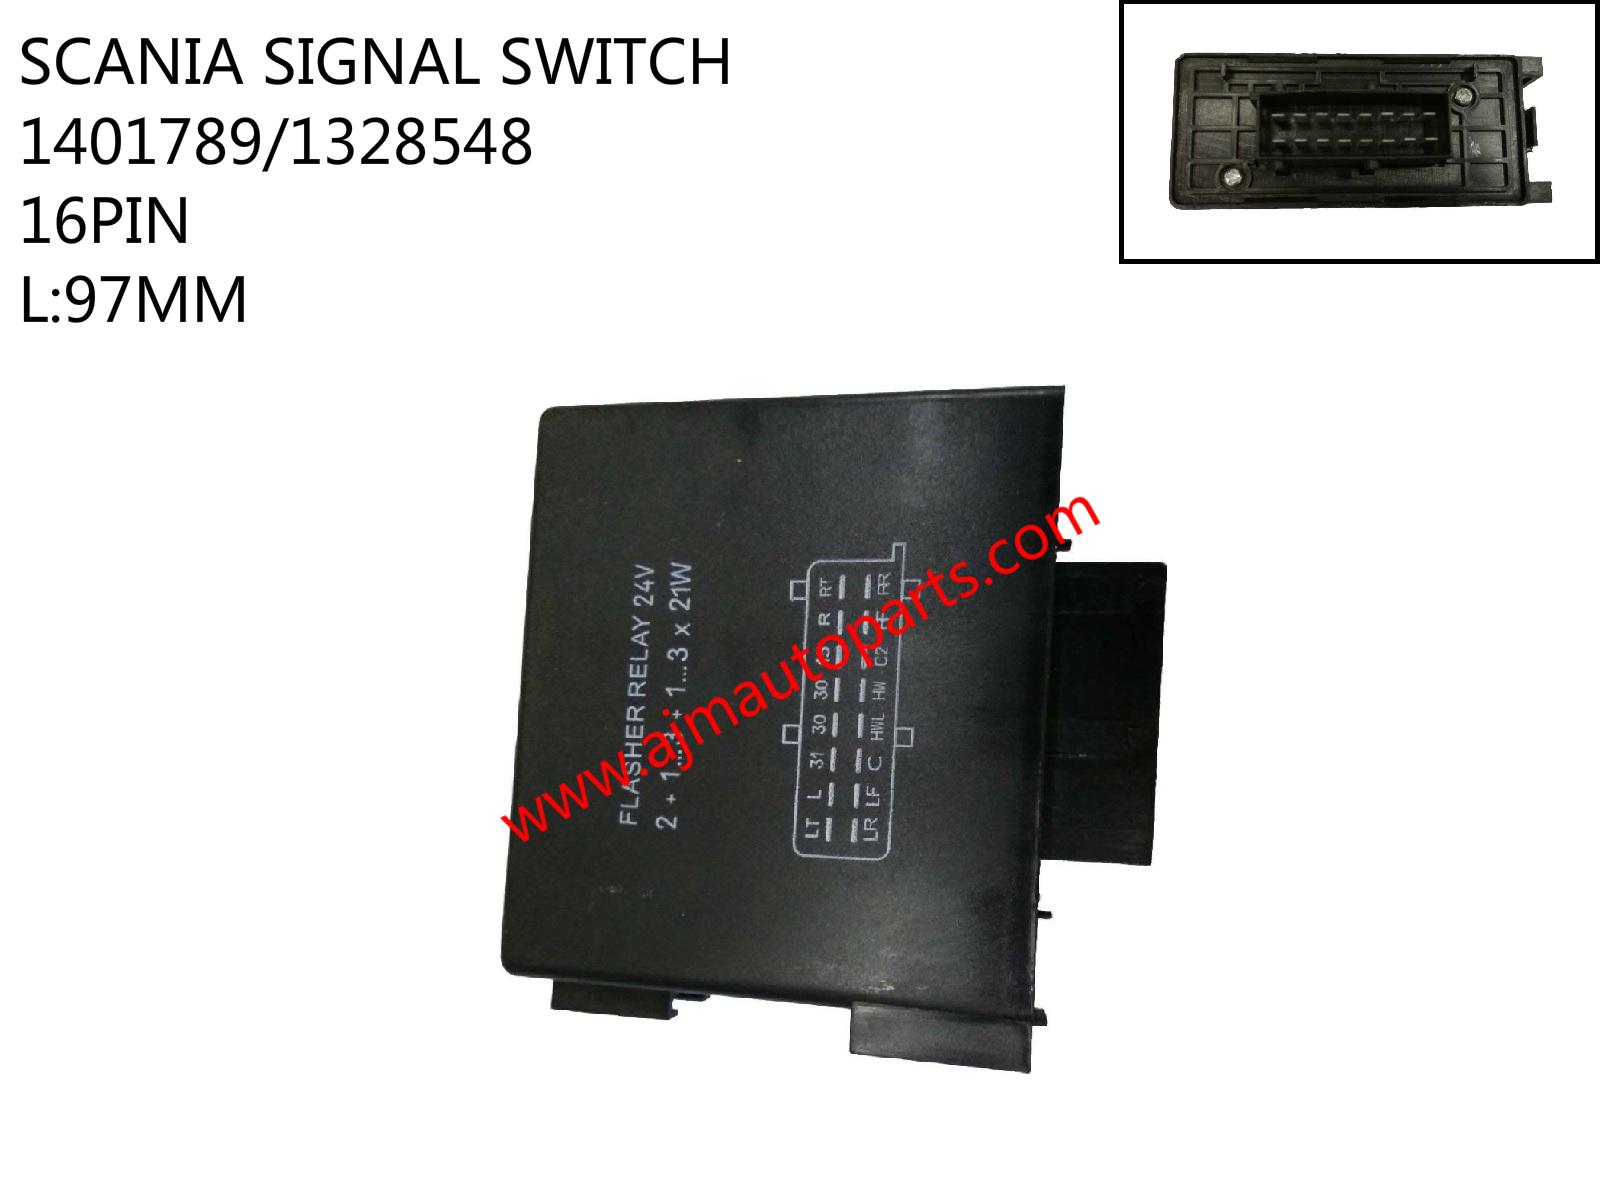 SCANIA SIGNAL SWITCH-1401789